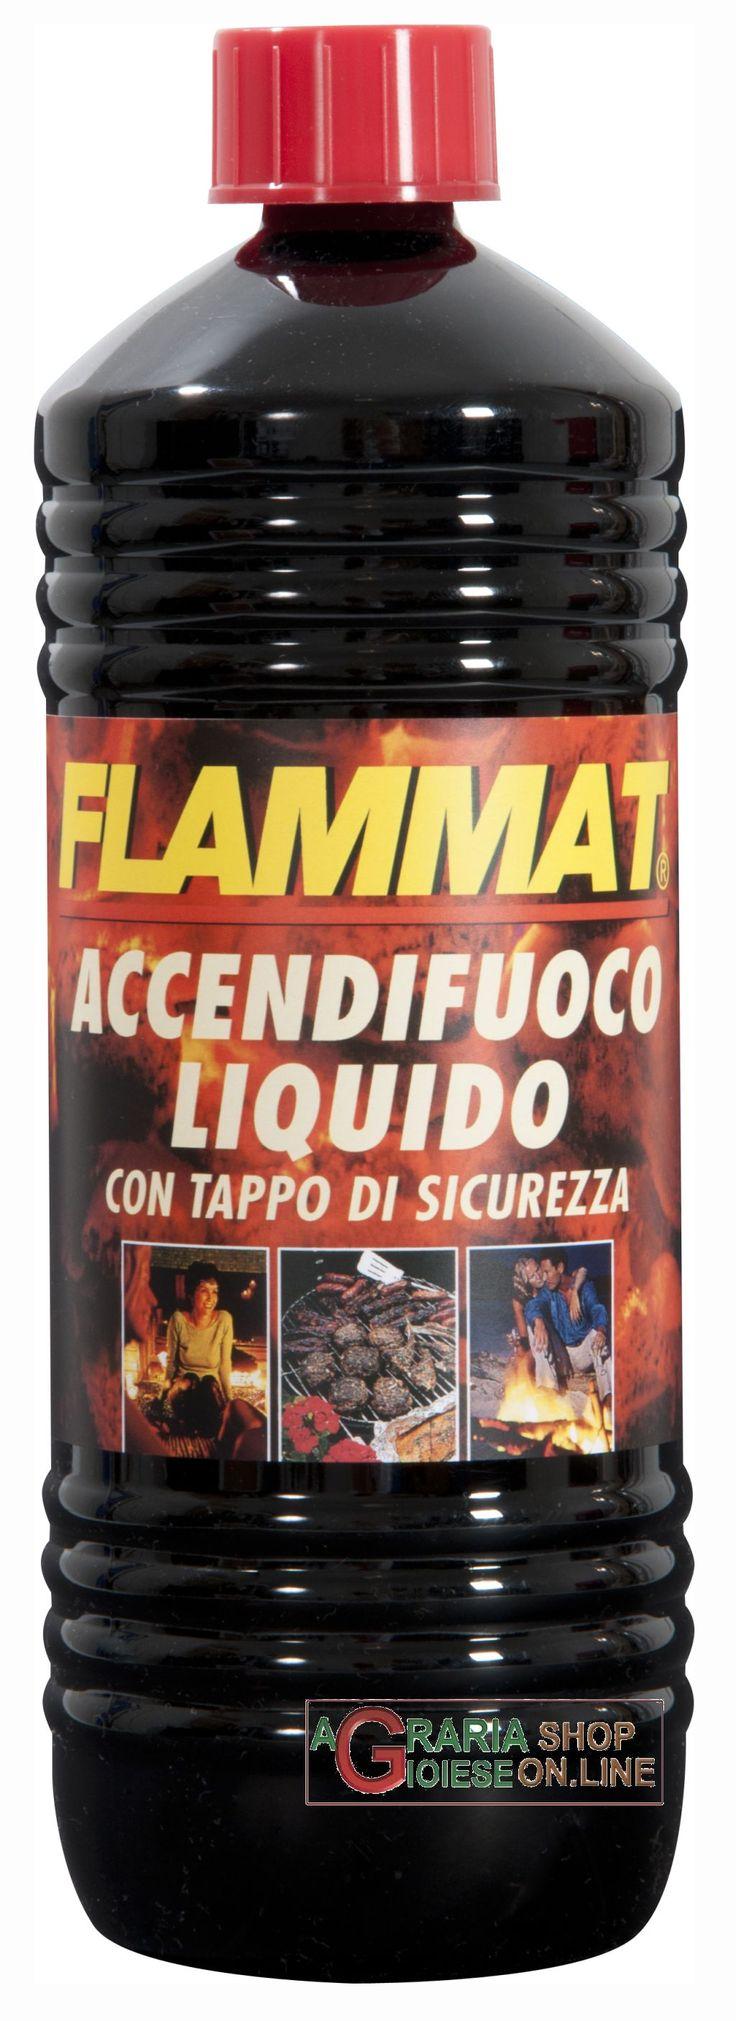 WUNDERBLITZ ACCENDIFUOCO LIQUIDO LT. 1 https://www.chiaradecaria.it/it/accessori-per-barbecue/21824-wunderblitz-accendifuoco-liquido-lt-1-4004157196100.html